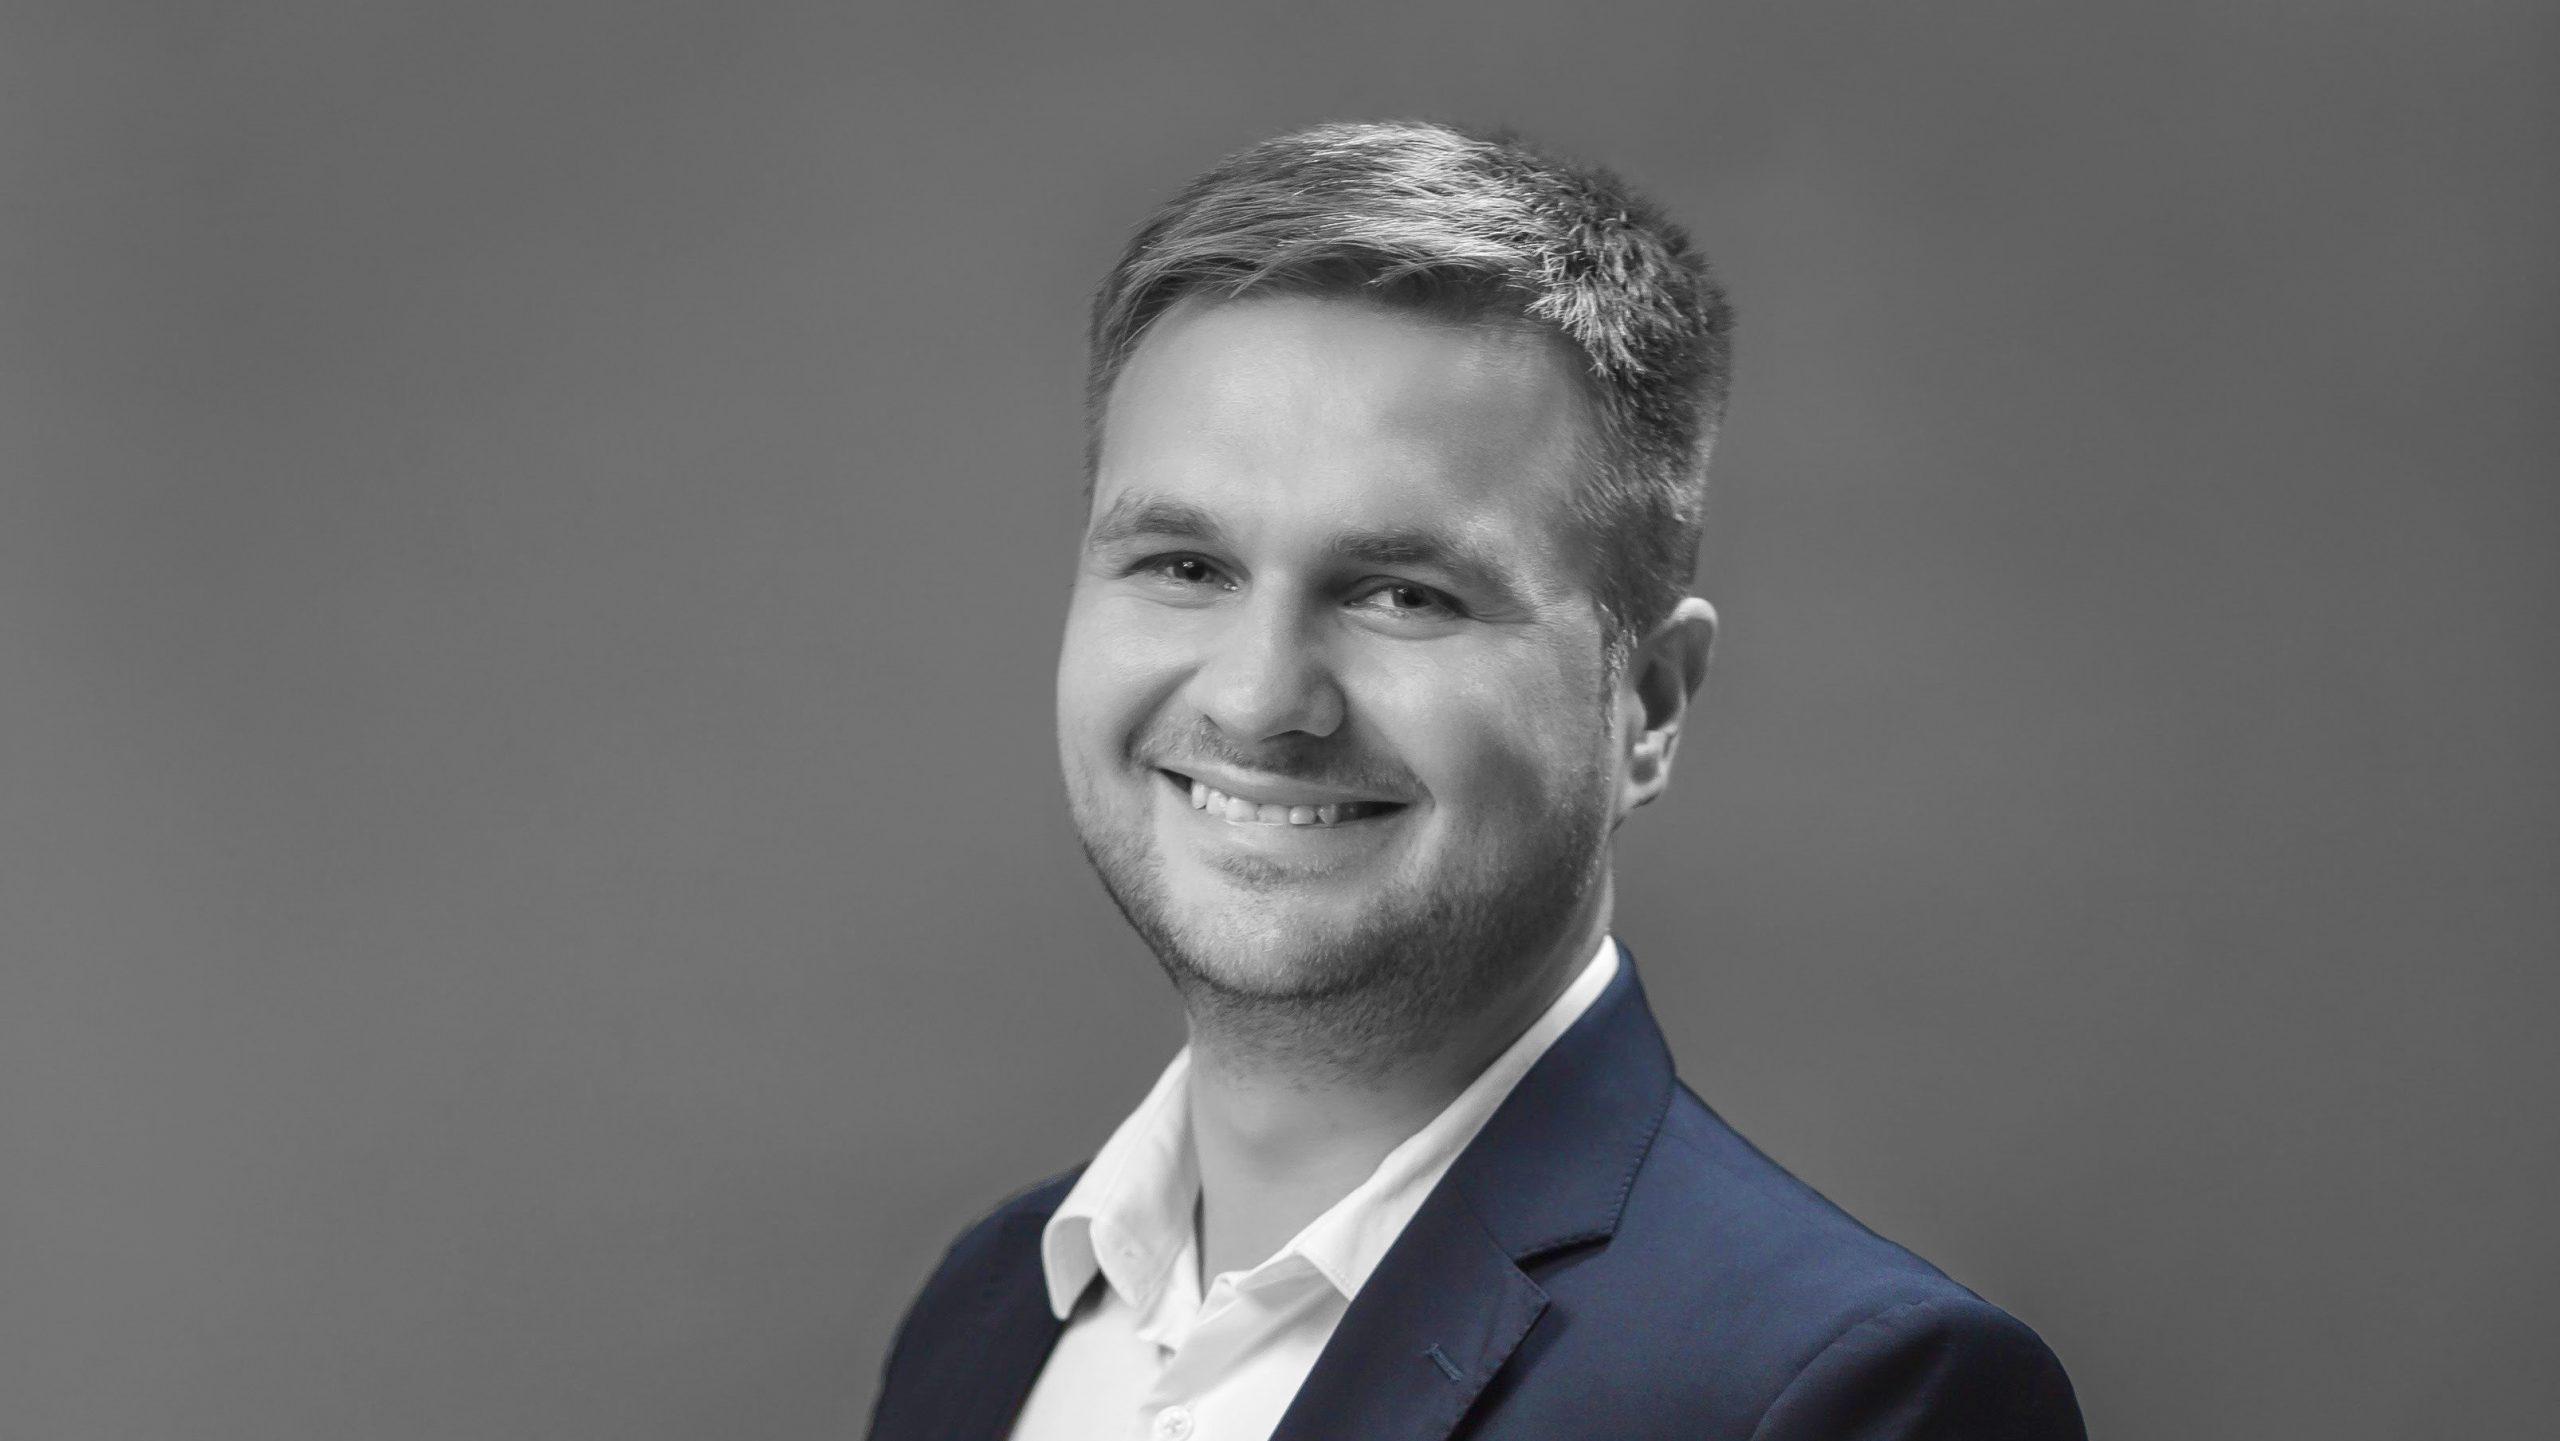 «Нам хотелось построить децентрализованный бизнес», — Дмитрий Будорин, СEO и фаундер компании Hacken